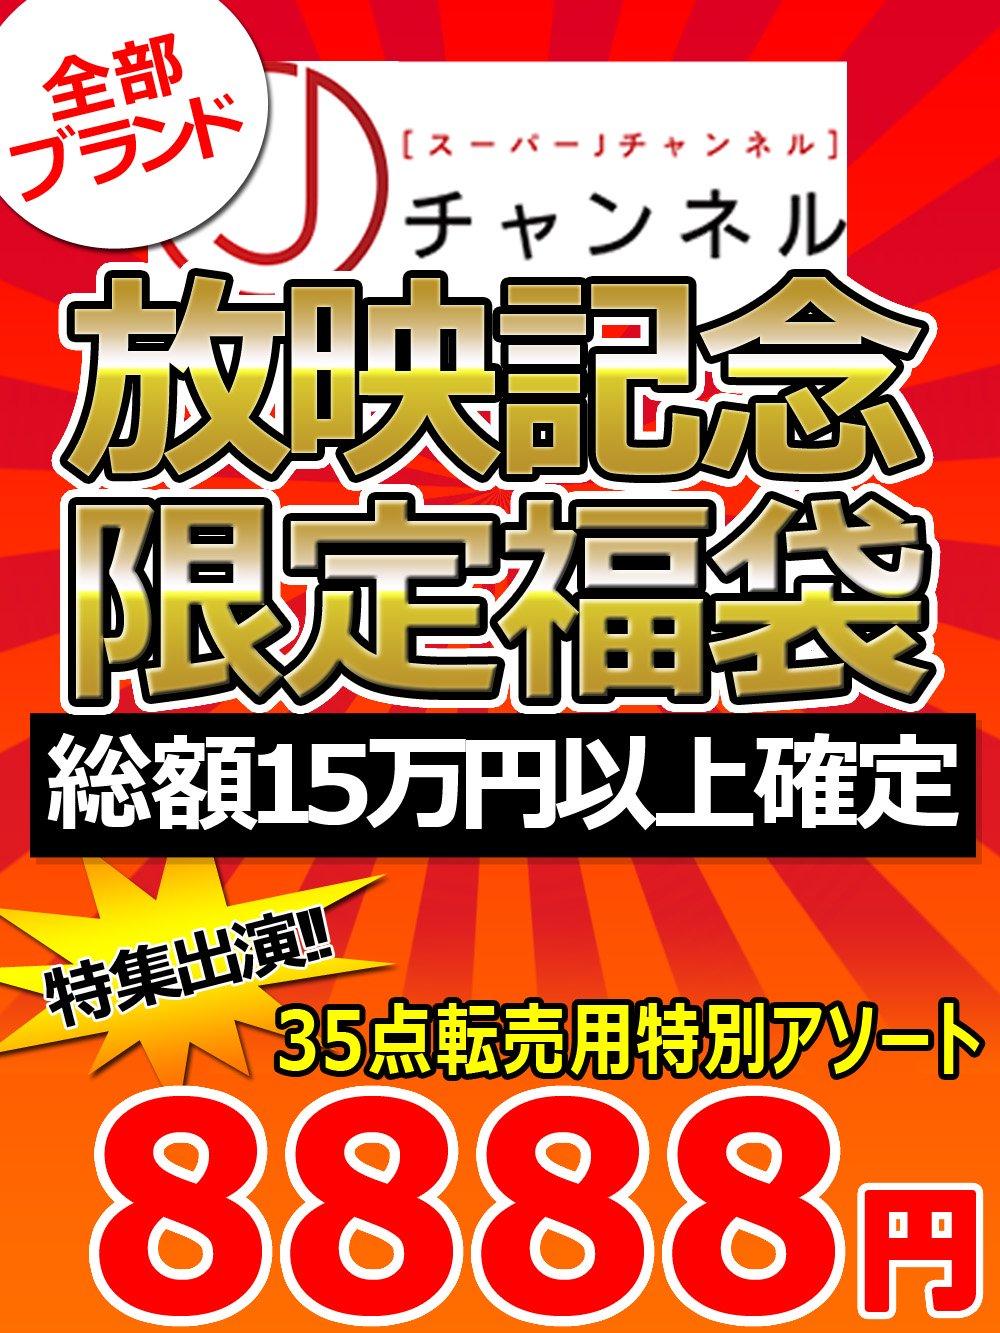 【スーパーJチャンネル出演!】放映記念特別福袋 総額15万円以上確定!転売用アソート【35点】8888